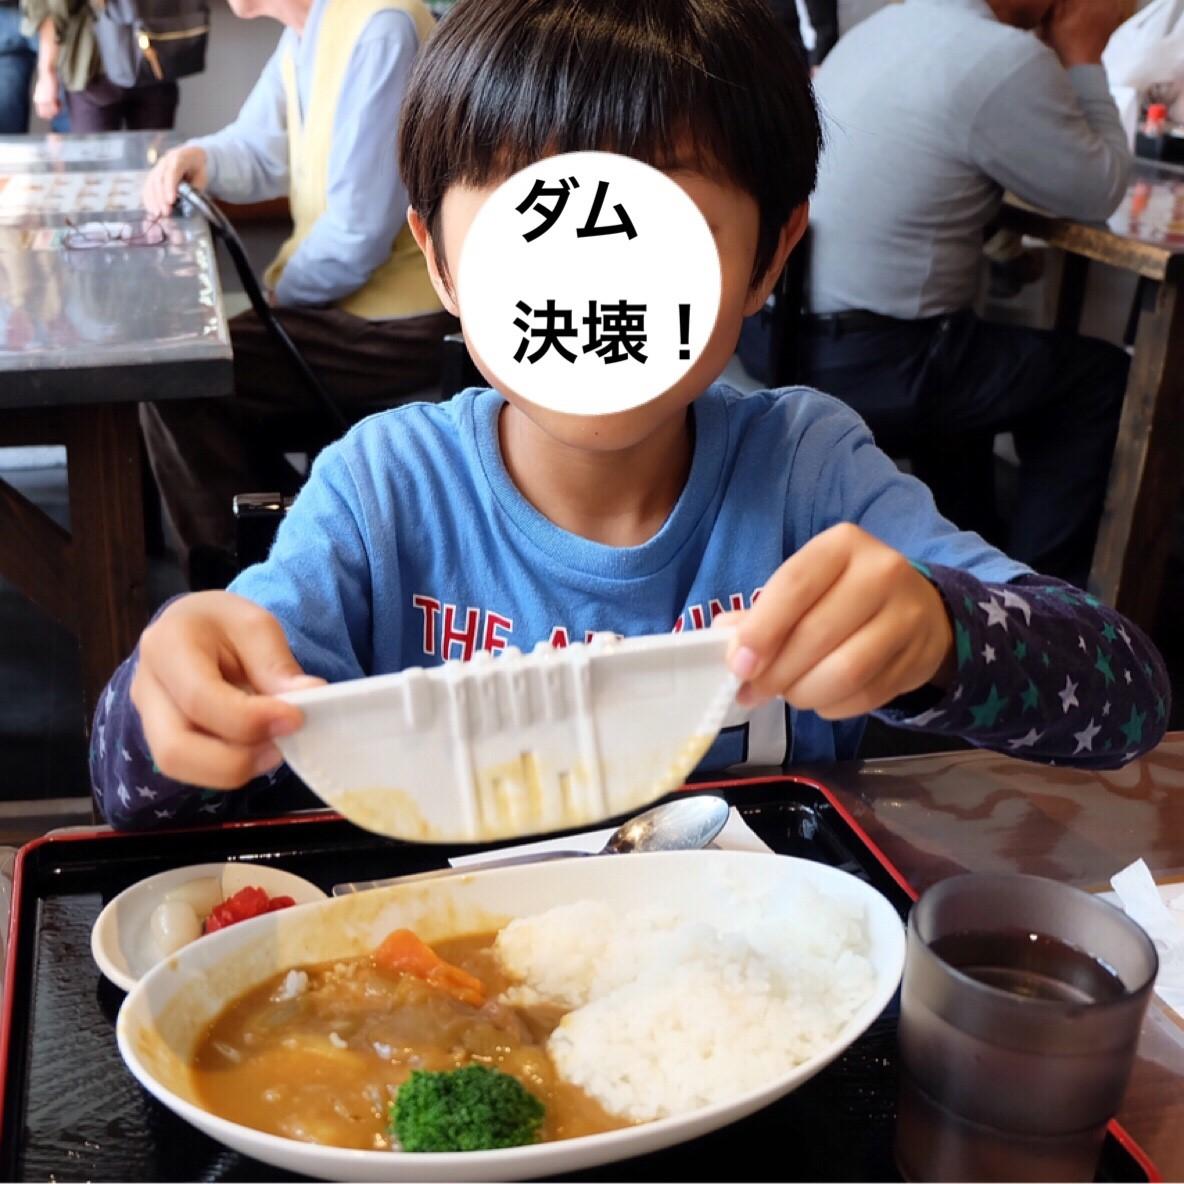 八ッ場ダム_180716_0105